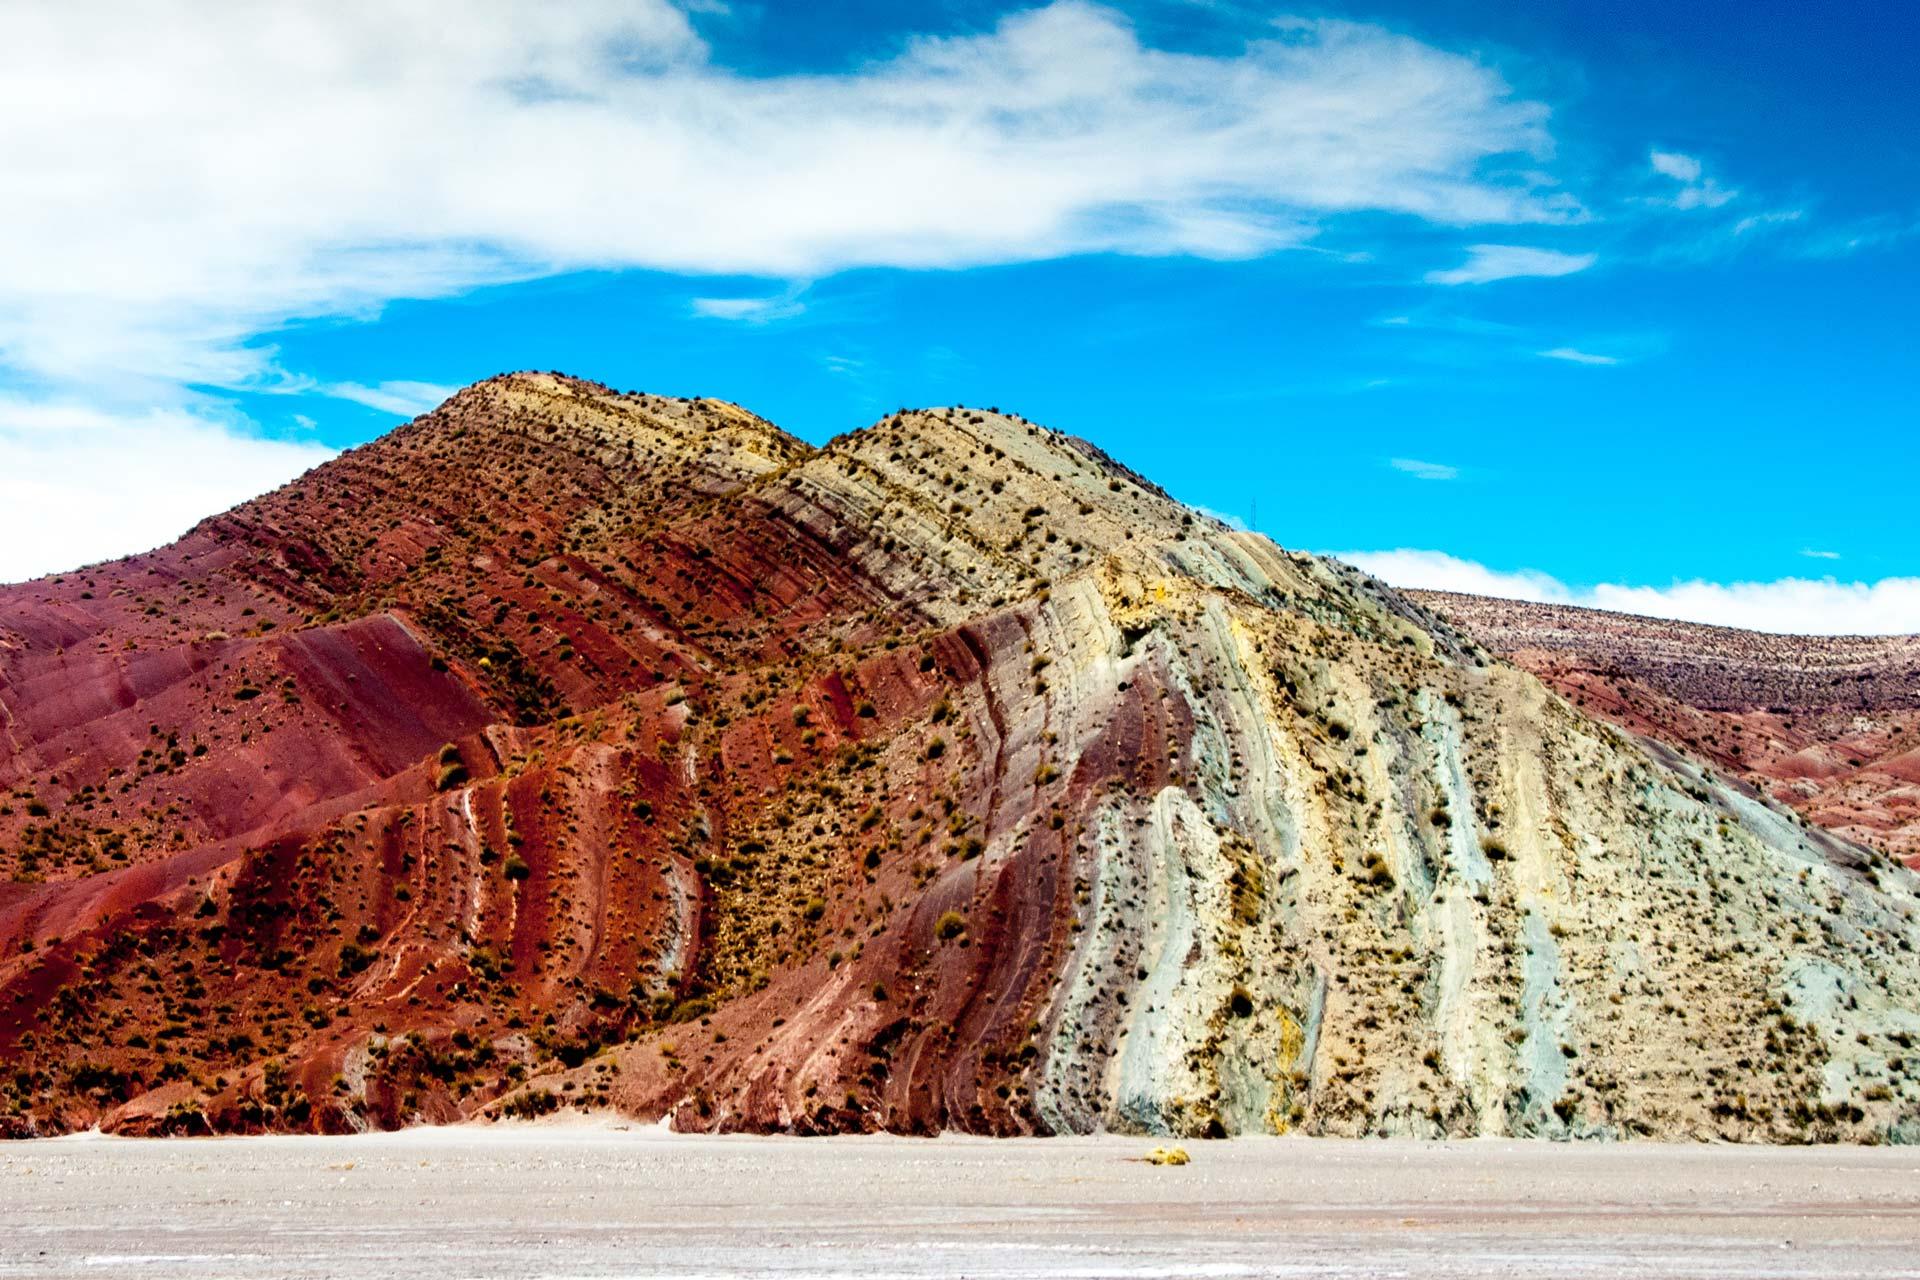 Landschaftsfotografie - Vielschichtiger Berg in Chile